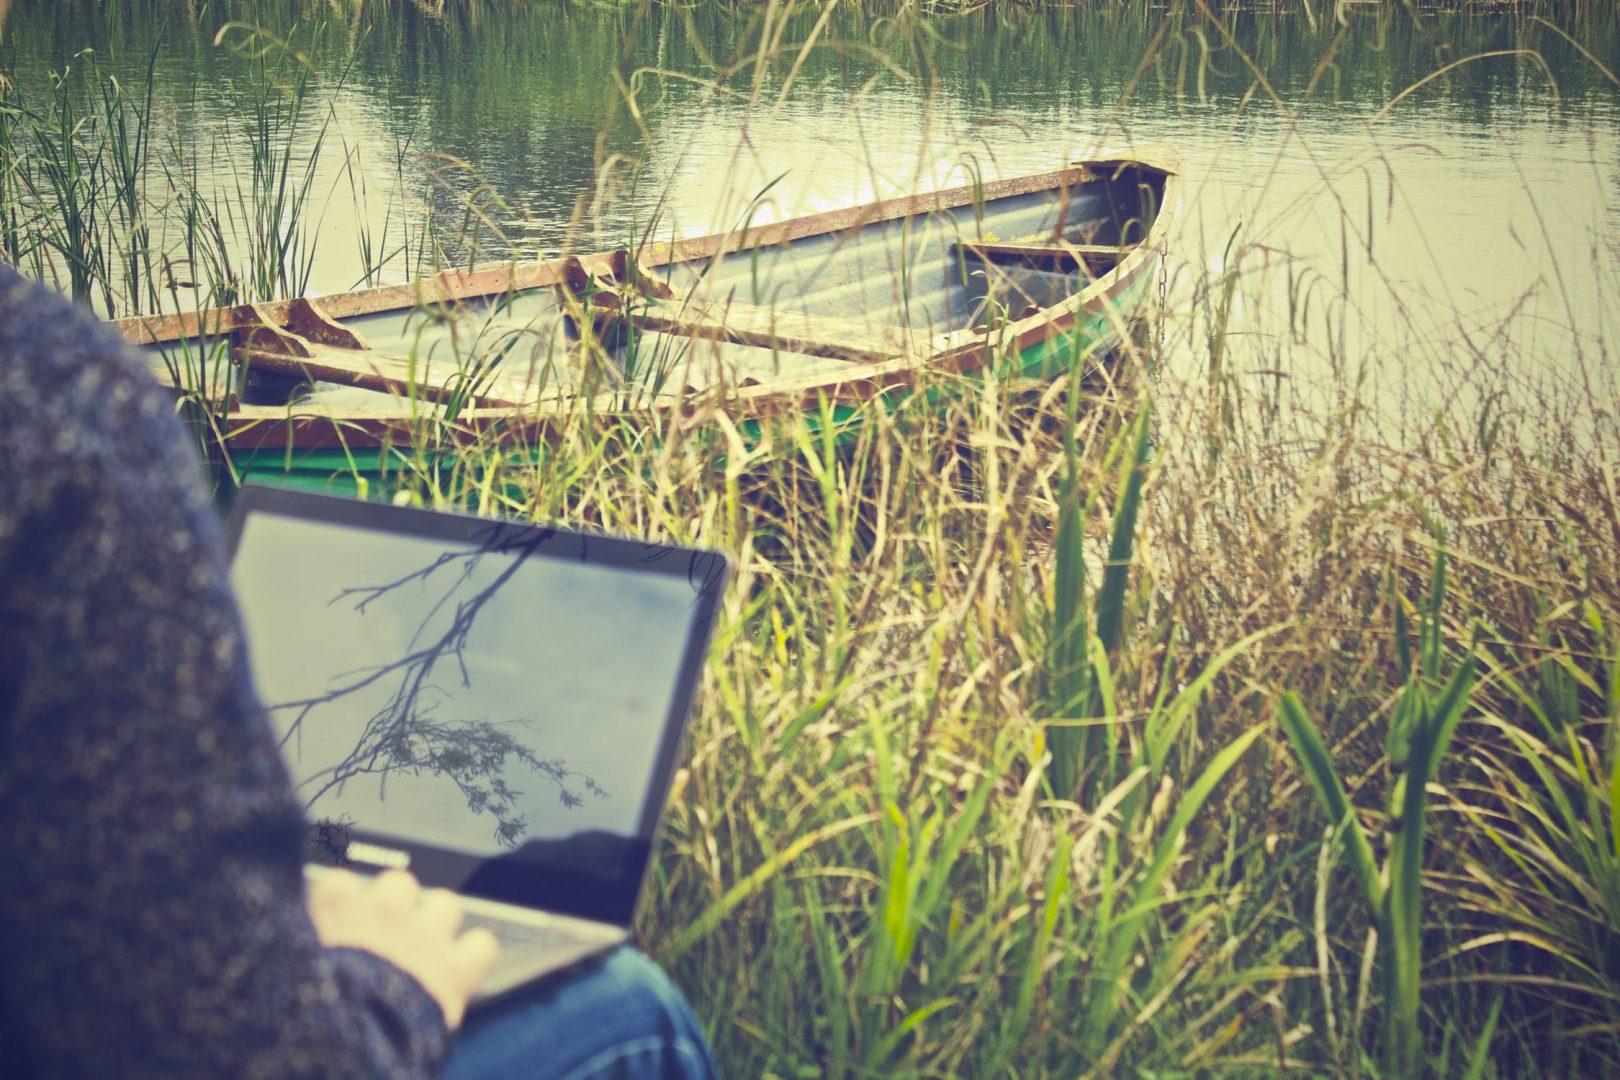 Ein Laptop an einem See mit einem Kanu im Hintergrund